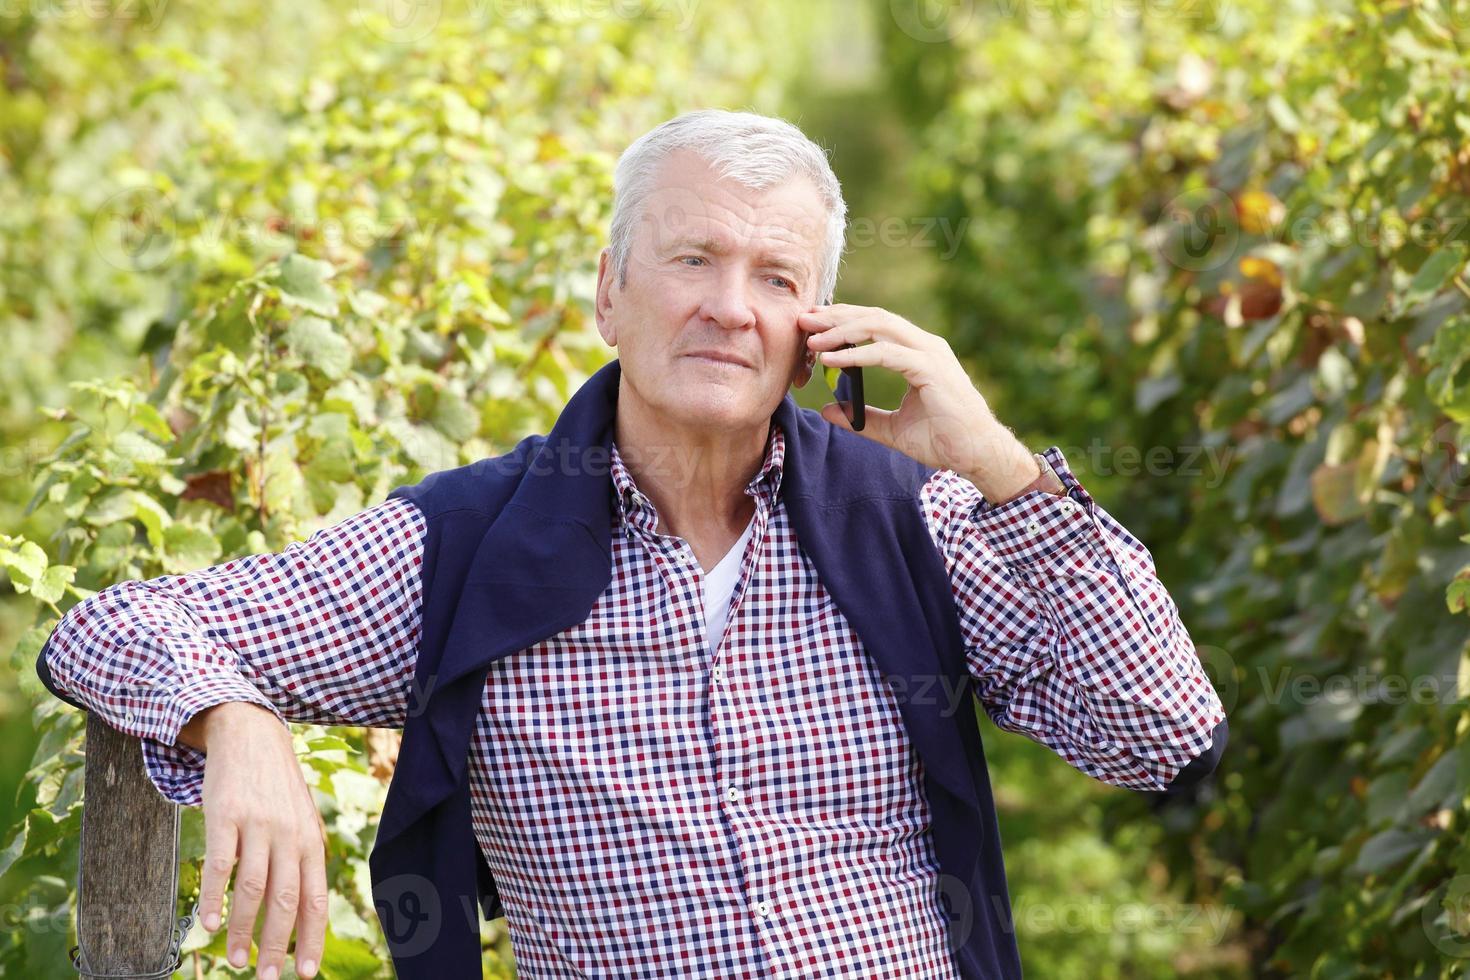 Retired winemaker photo